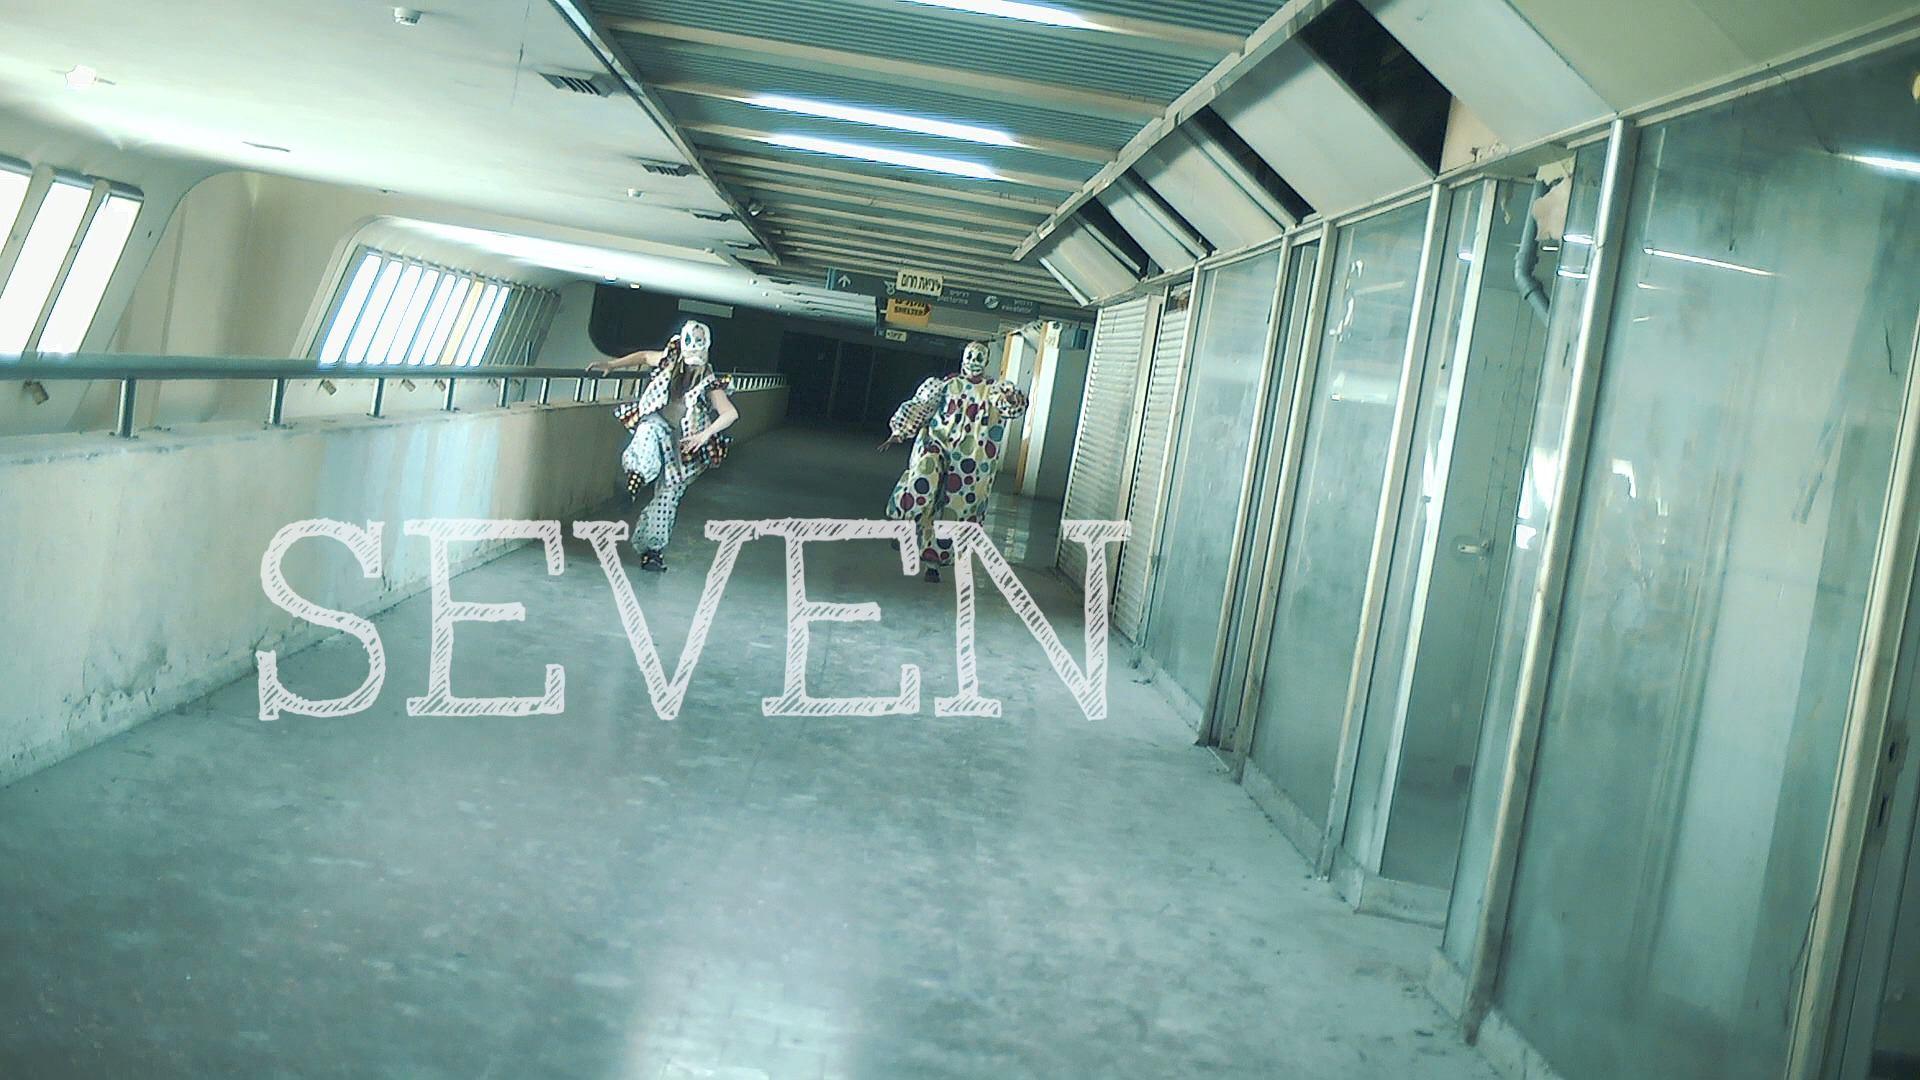 SEVEN MYSTORIN